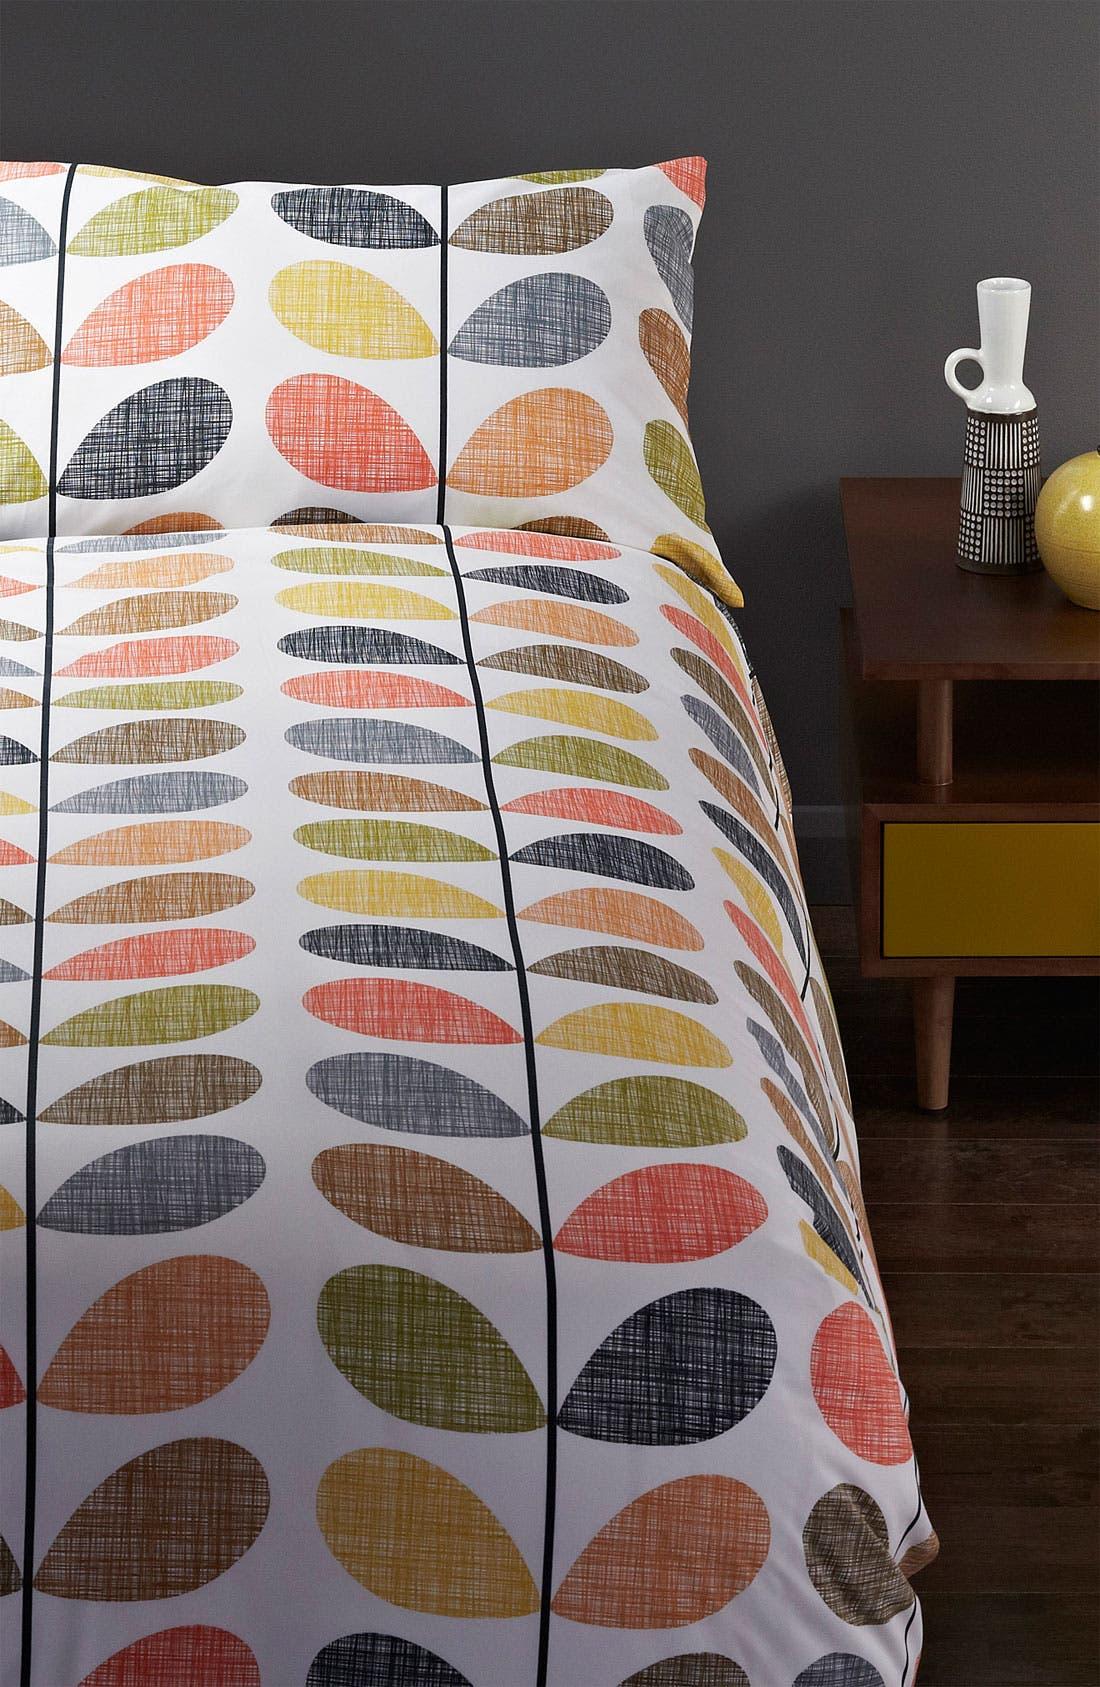 Alternate Image 1 Selected - Orla Kiely 'Scribble Stem' Duvet Cover & Shams